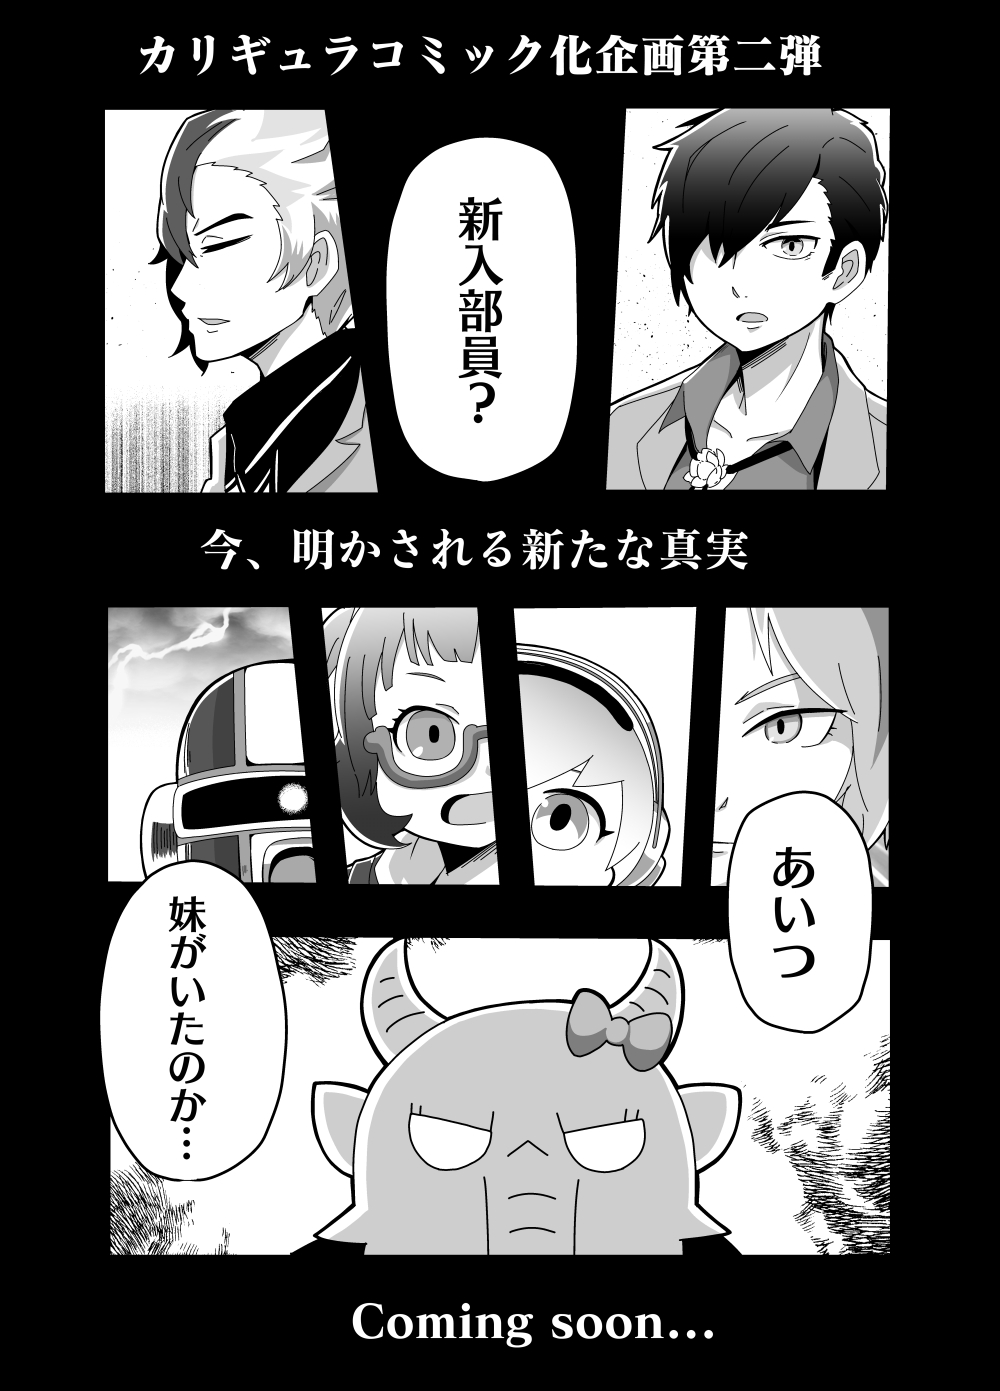 カリギュラ予告カット (1)